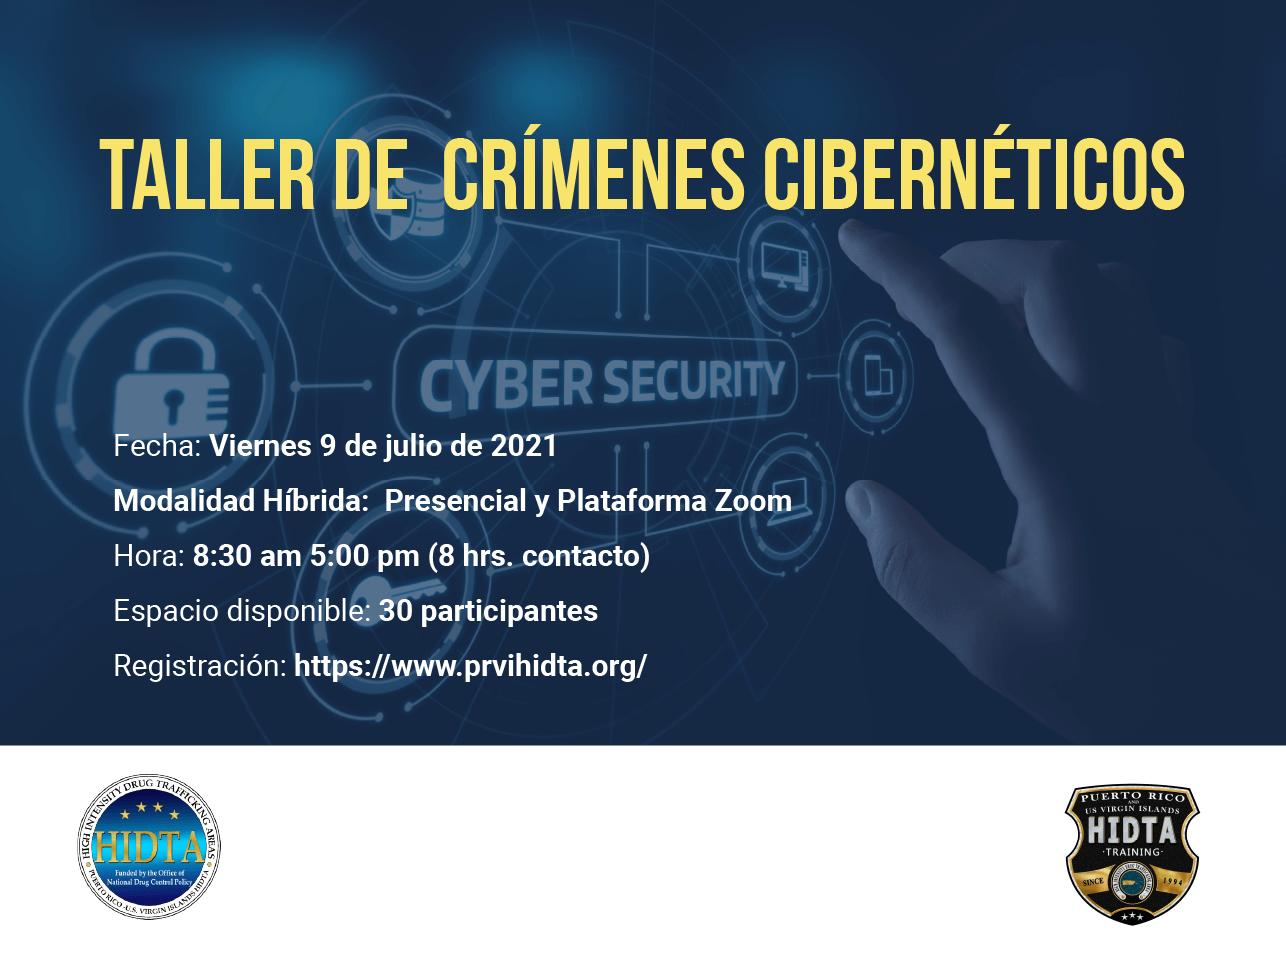 Crimenes Ciberneticos